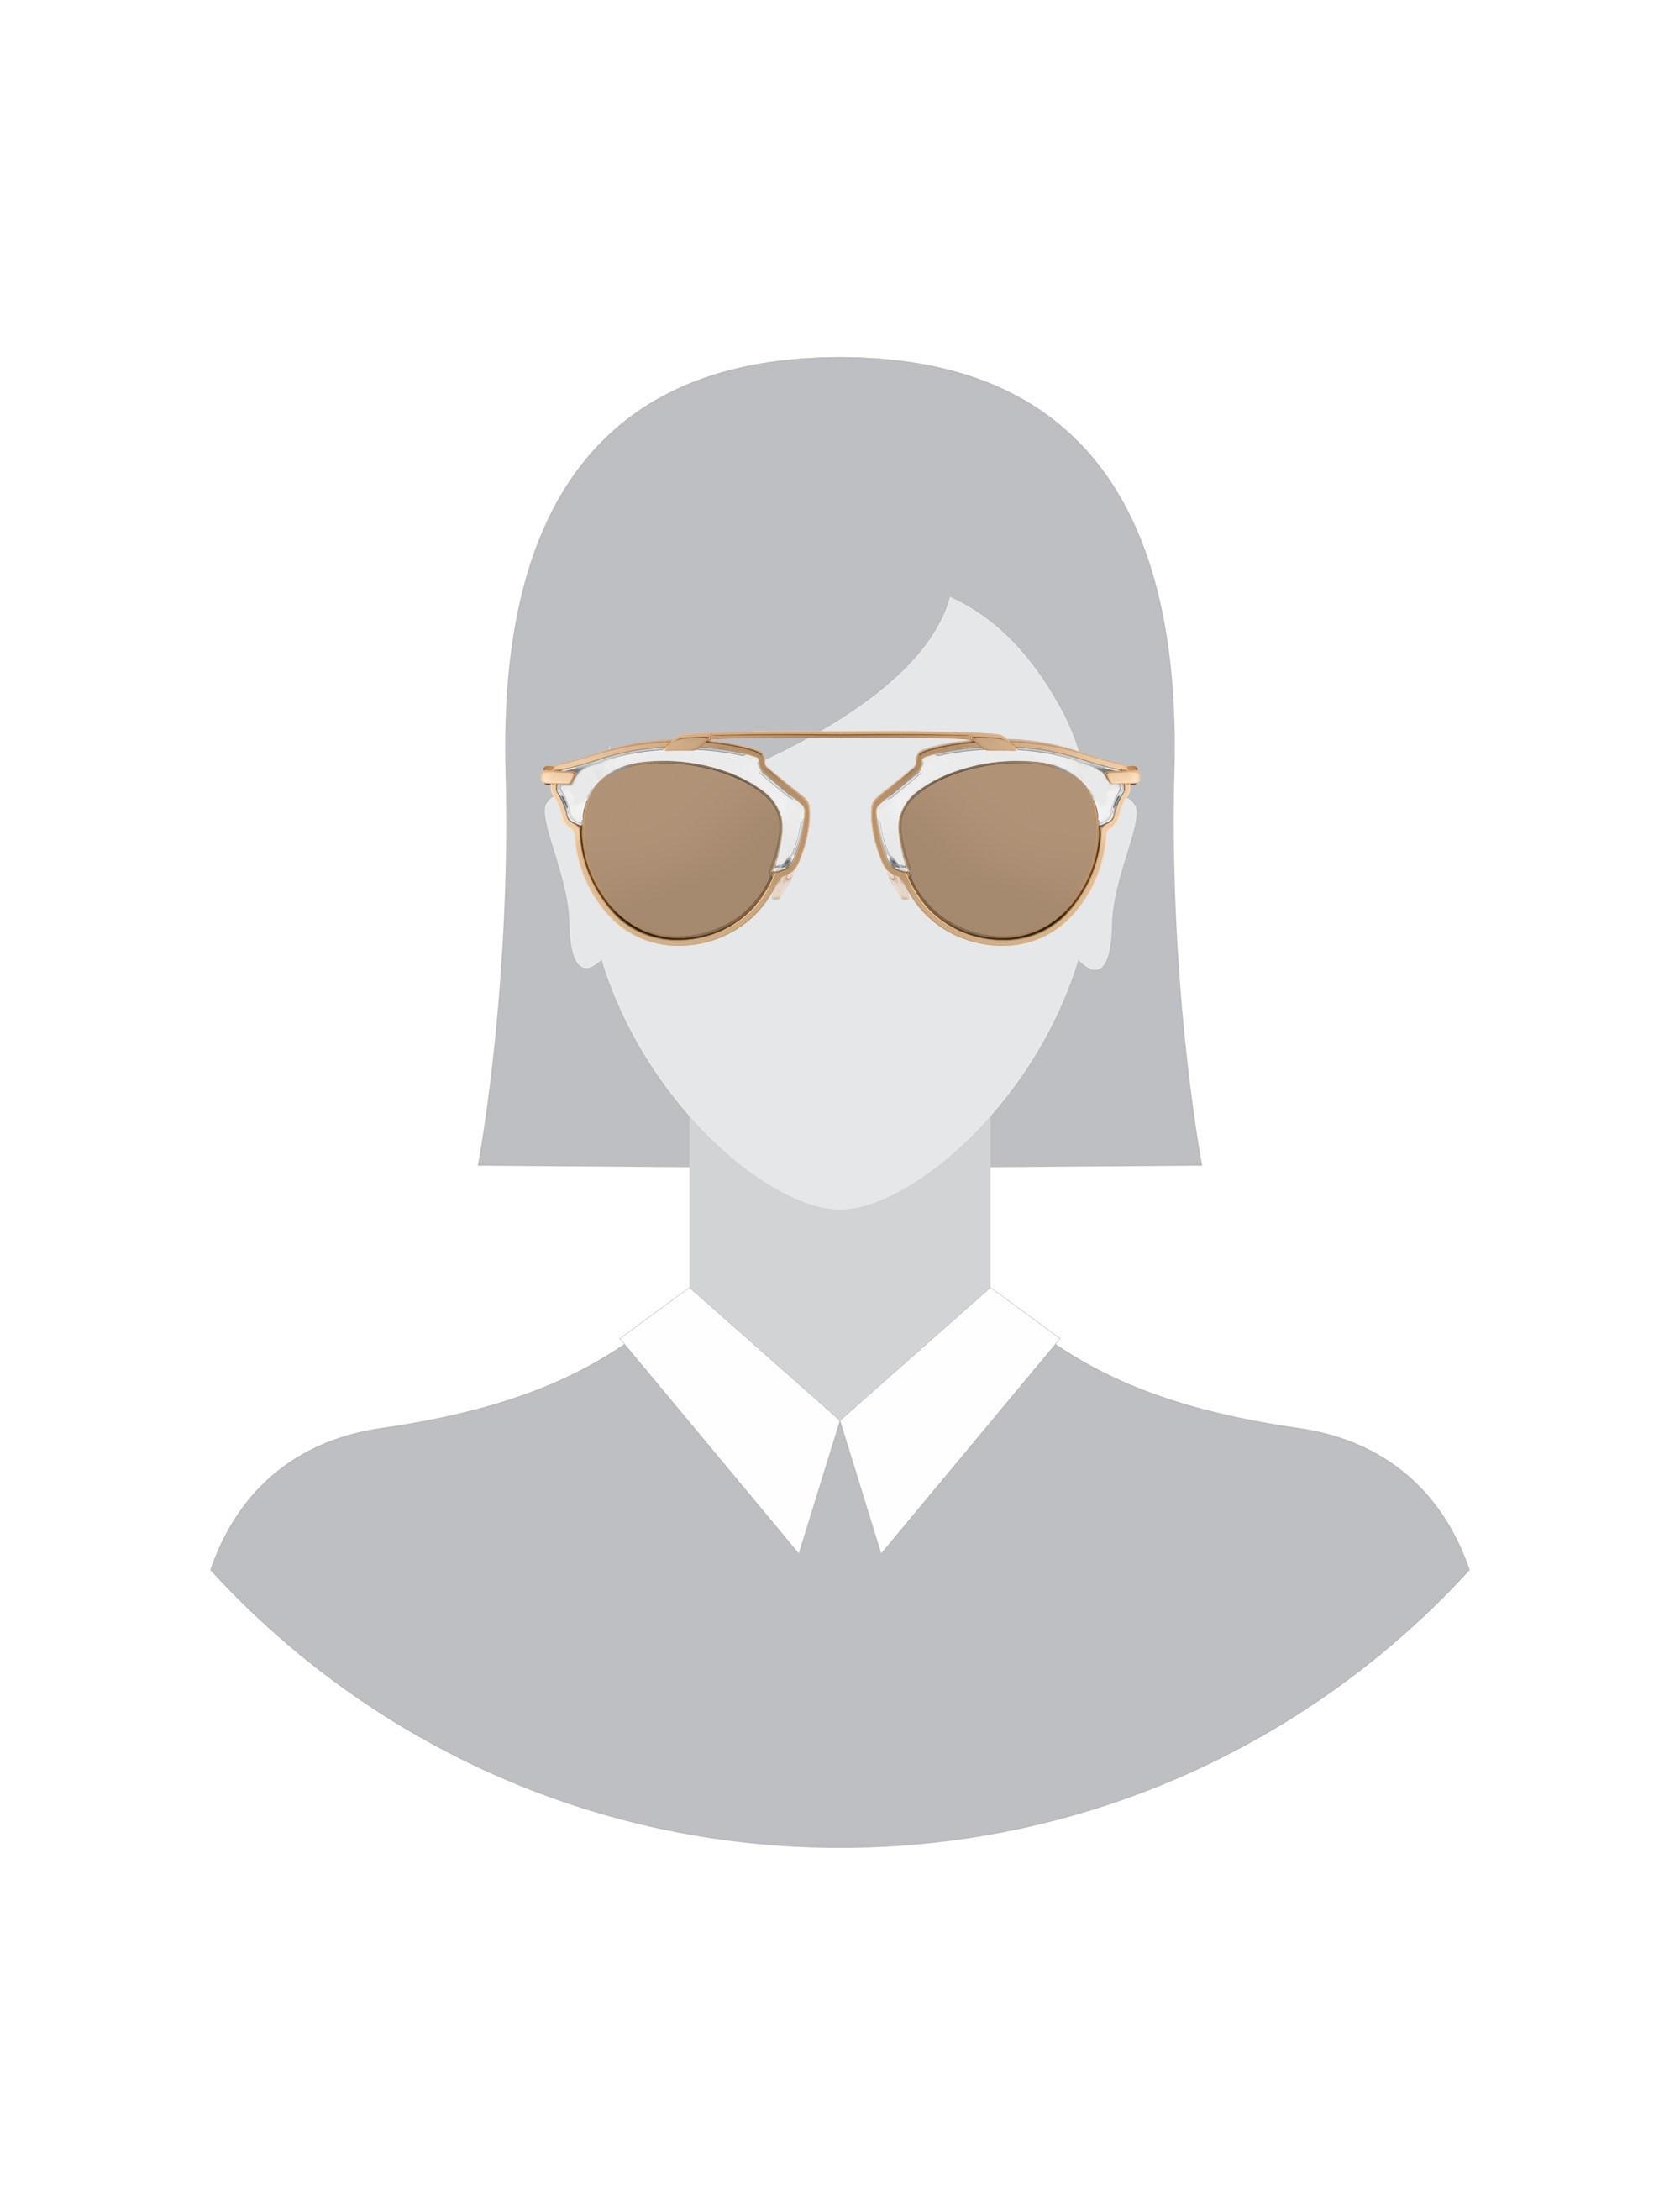 عینک آفتابی پنتوس زنانه - دیور - طلايي  - 5